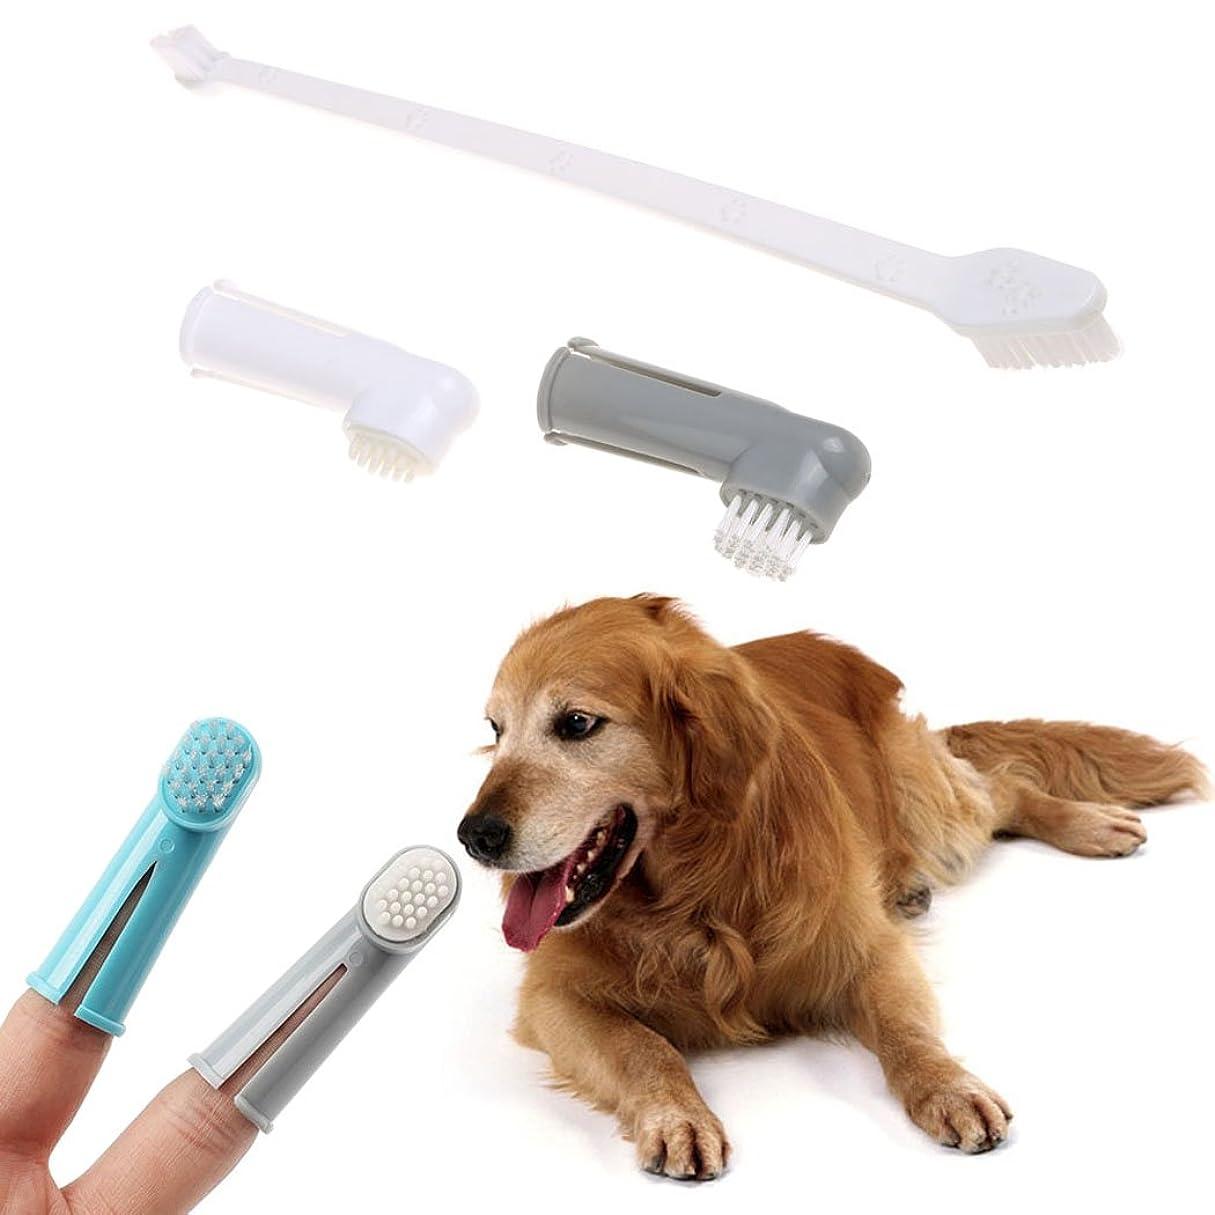 権限フレームワーク制裁Legendog ペットの歯ブラシ 犬用歯ブラシ 指歯 ブラシ 歯磨き ペット歯ケア用品 カラフル 3ピースセット(合計9個)